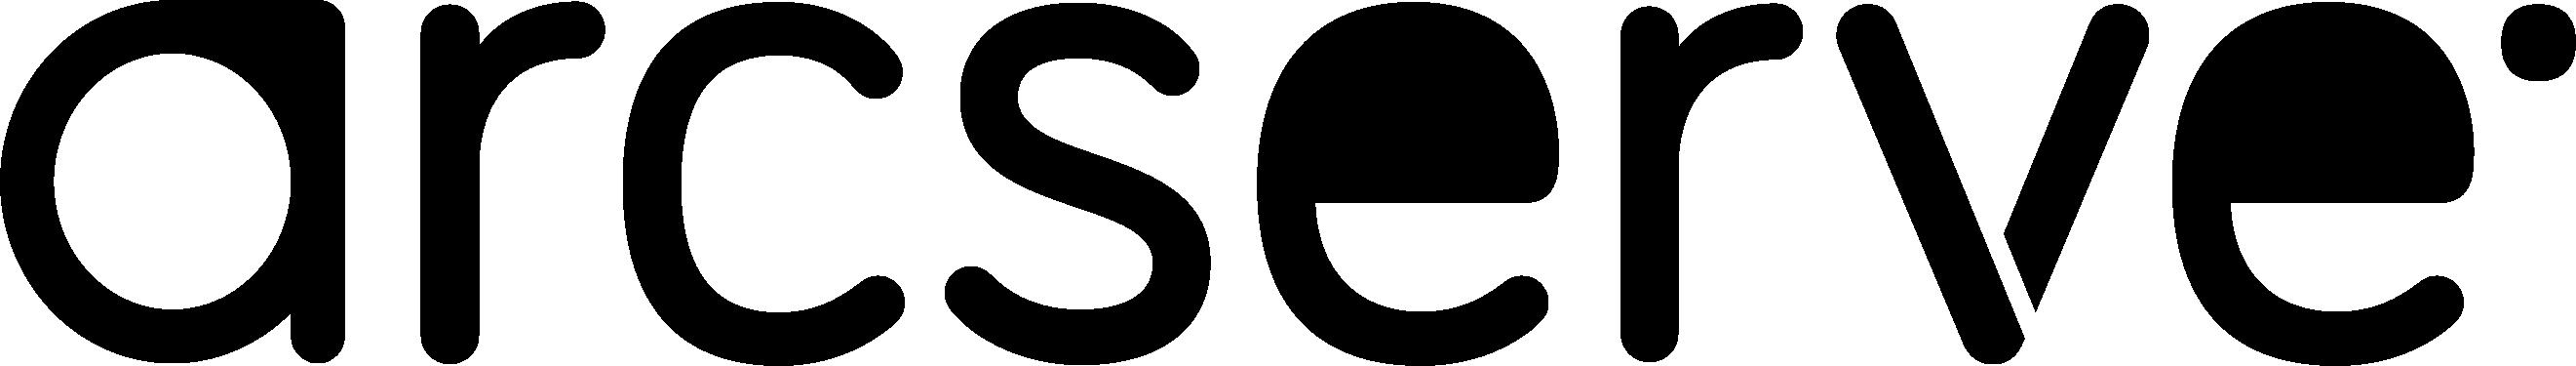 El proveedor más experimentado en soluciones de respaldo y de recuperación de desastres resolviendo los desafíos de los equipos de TI, trayéndoles innovación, ambición e incontables horas de iteración con las soluciones de las que dependen para mantener sus negocios operando sin problemas, con crecimiento y éxito continuos.  DAYSET ha mantenido una alianza con arcserve por mucho tiempo, vendiendo soluciones y servicios profesionales sobre  los productos y servicios de arcserve, en México y Latino América.